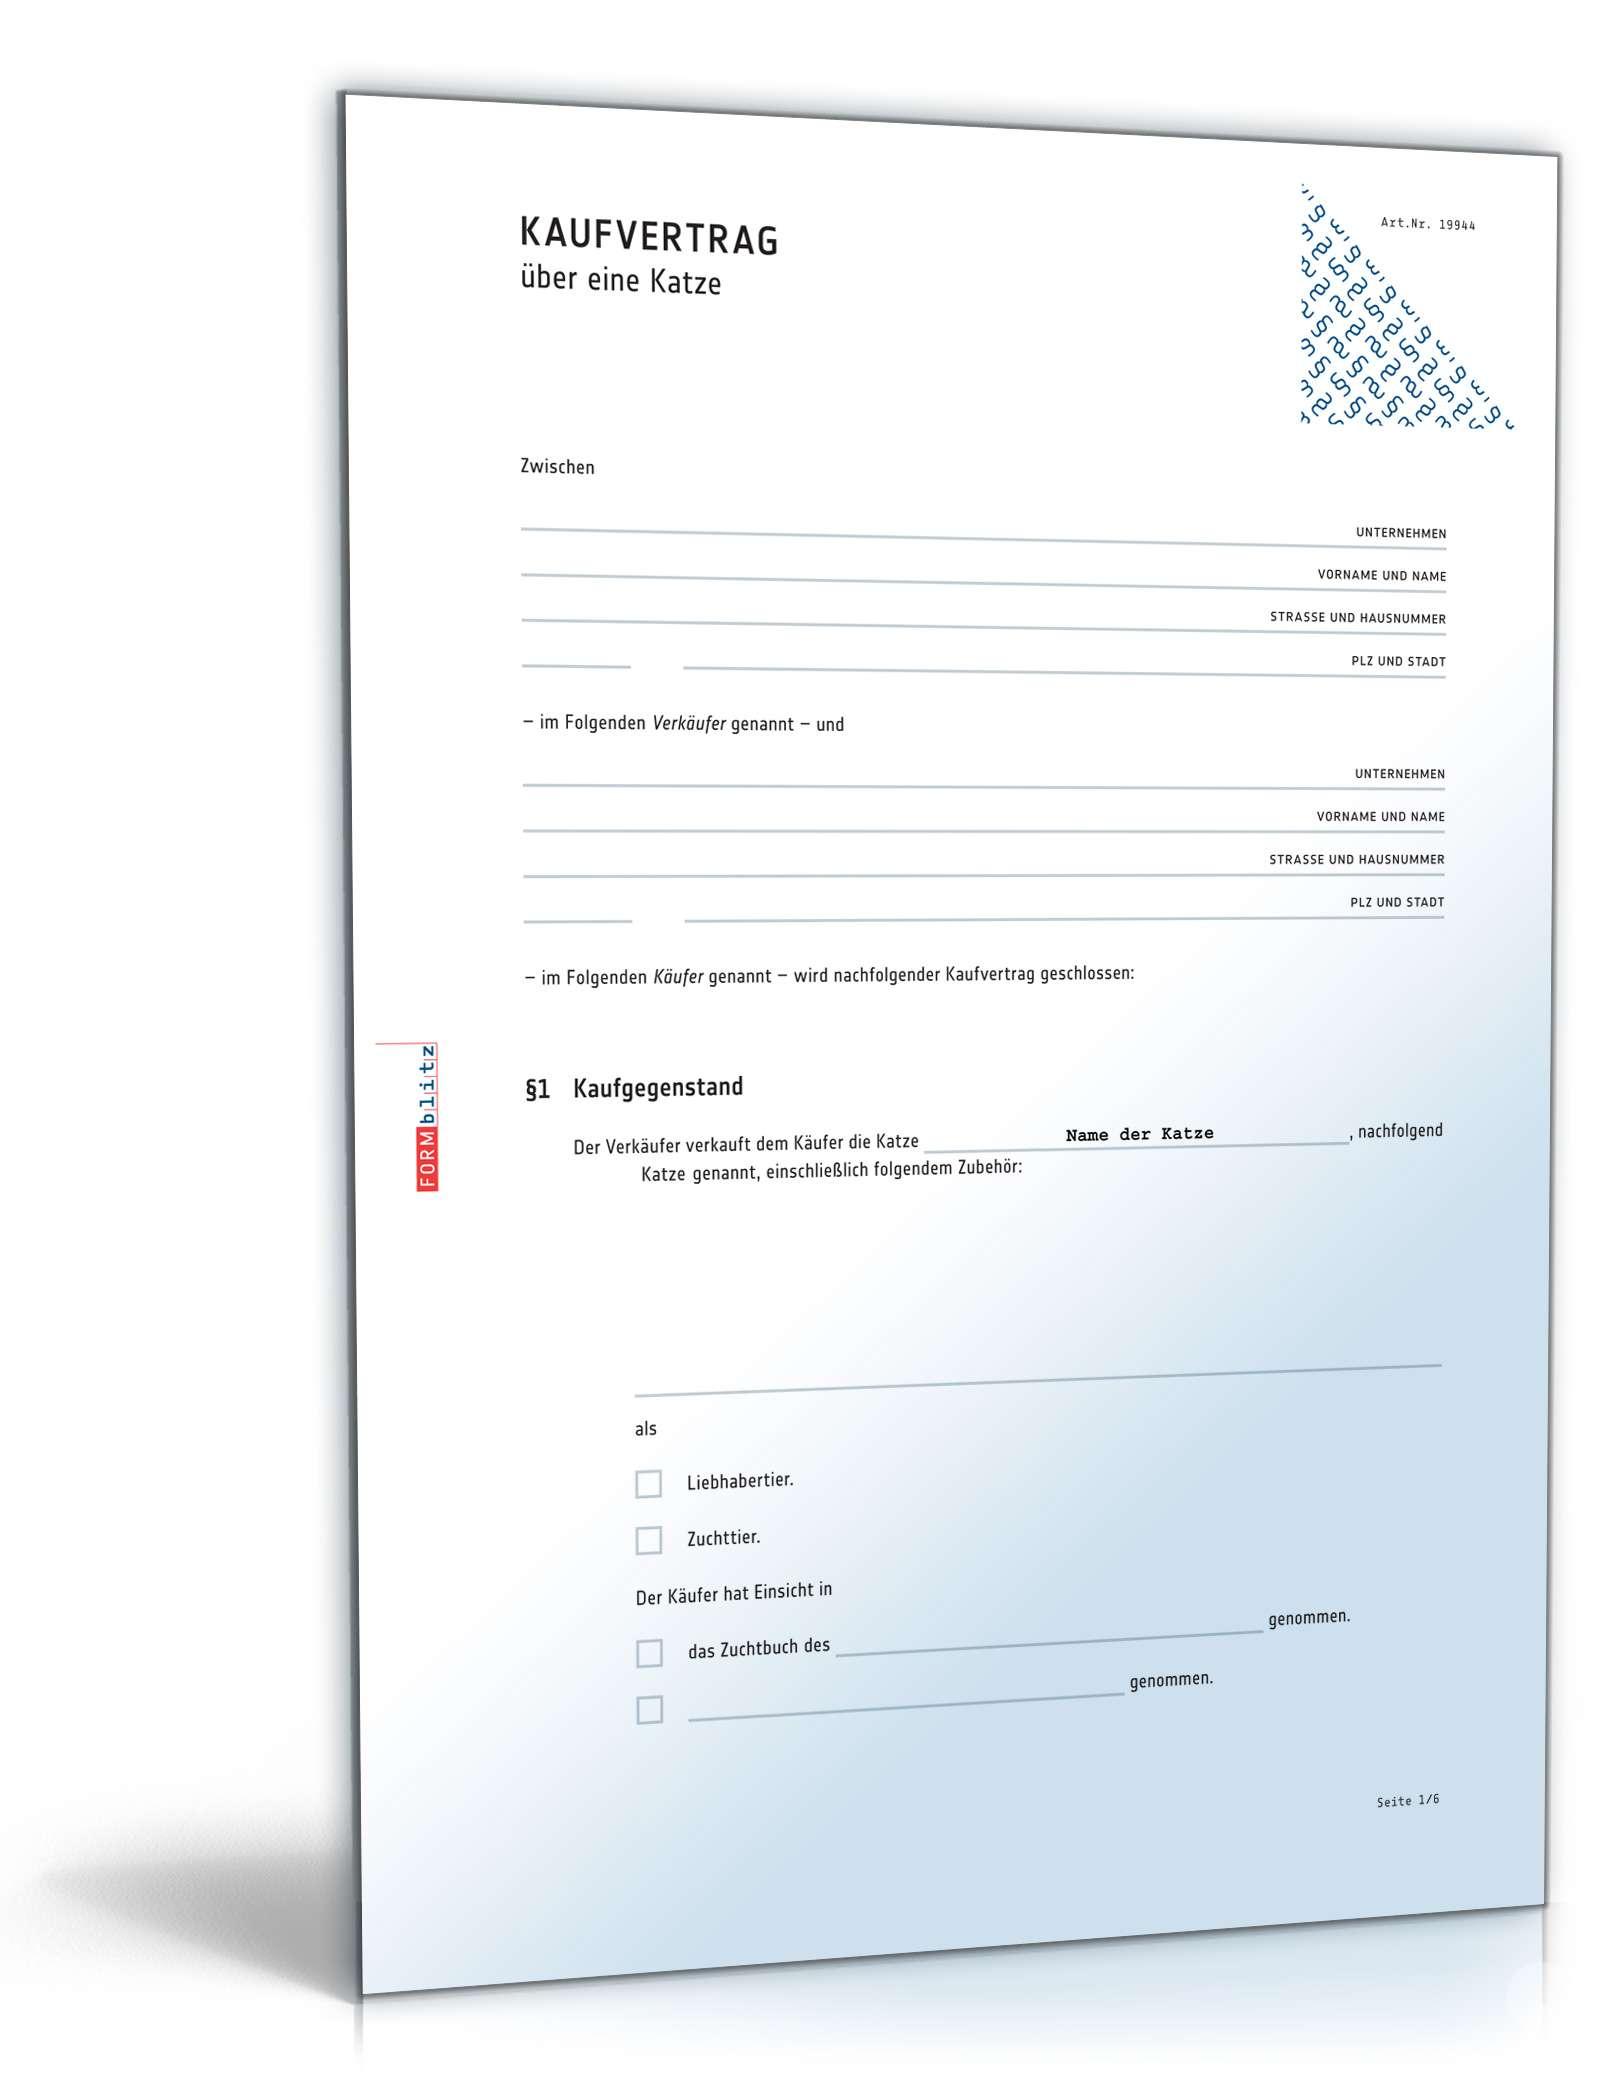 kaufvertrag katze rechtssichere vorlage zum download - Grundstuckskaufvertrag Muster